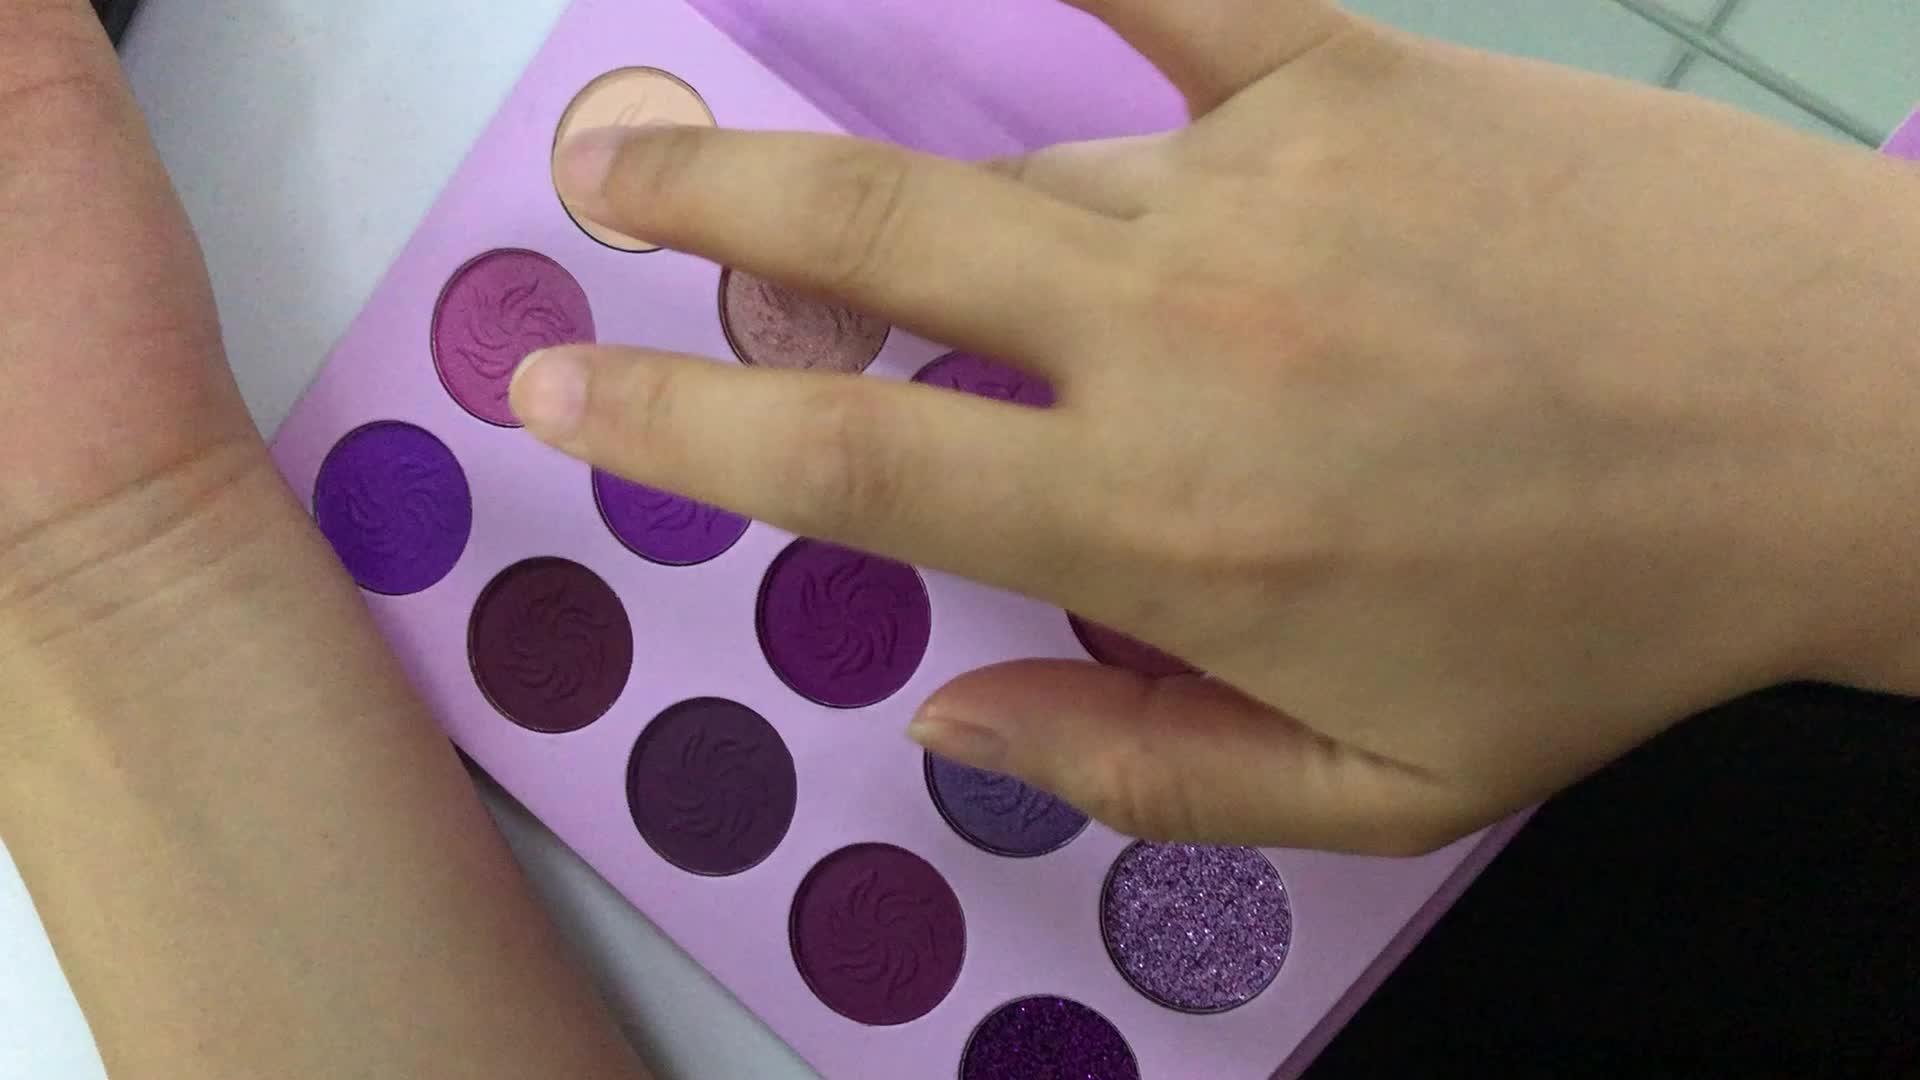 कॉस्मेटिक मेकअप 15 रंग थोक चमक आंखों के छायाएं पैलेट प्रिंट अपने निजी लेबल आंखों के छायाएं